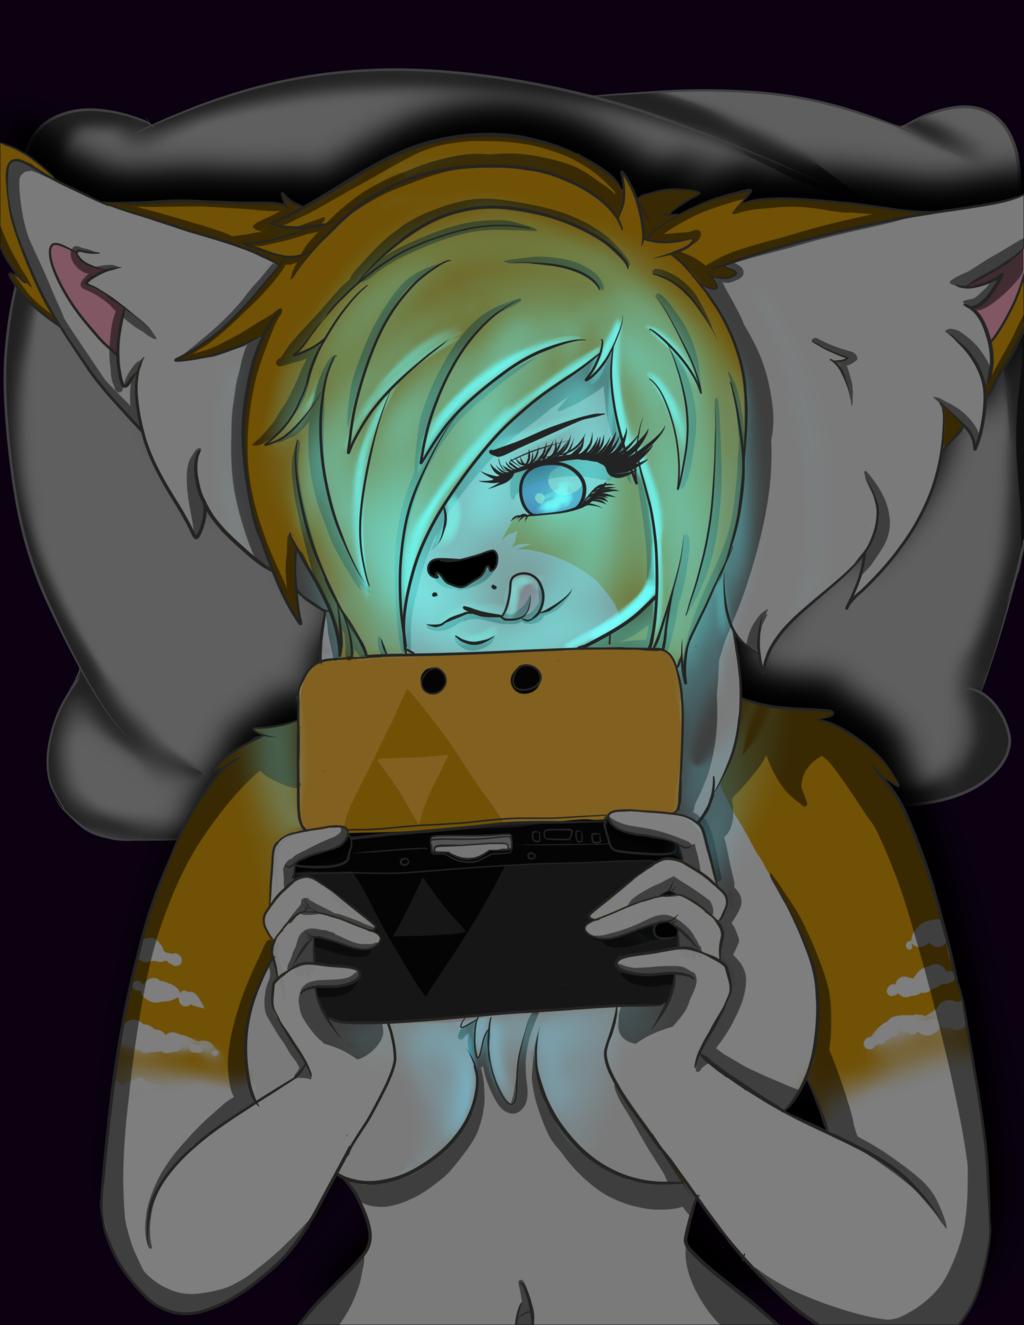 Late Night Gamer